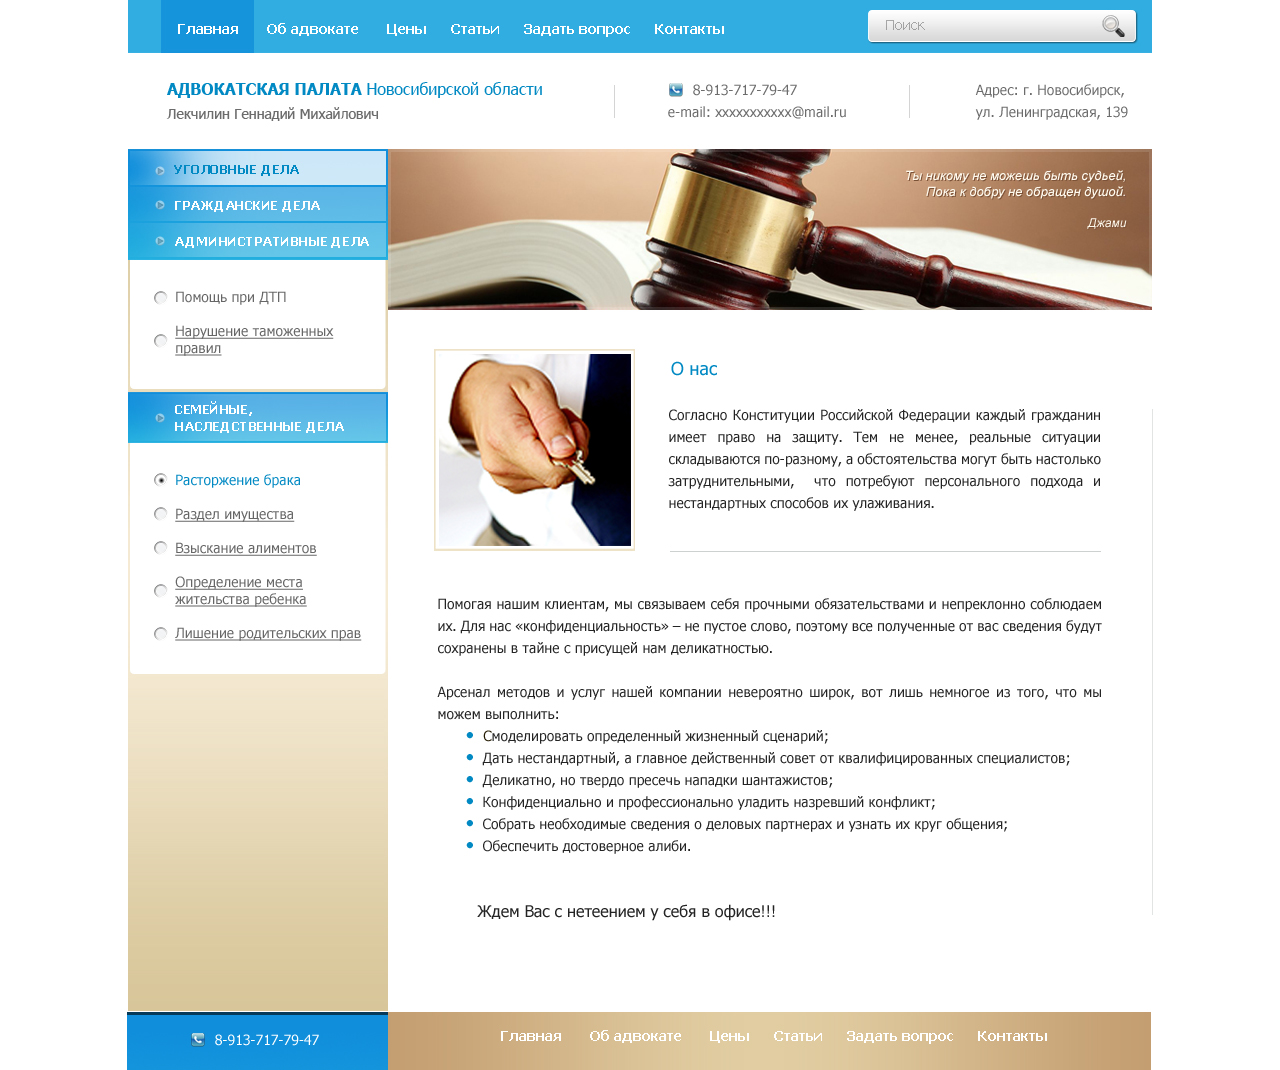 Адвокатская палата Новосибирской области